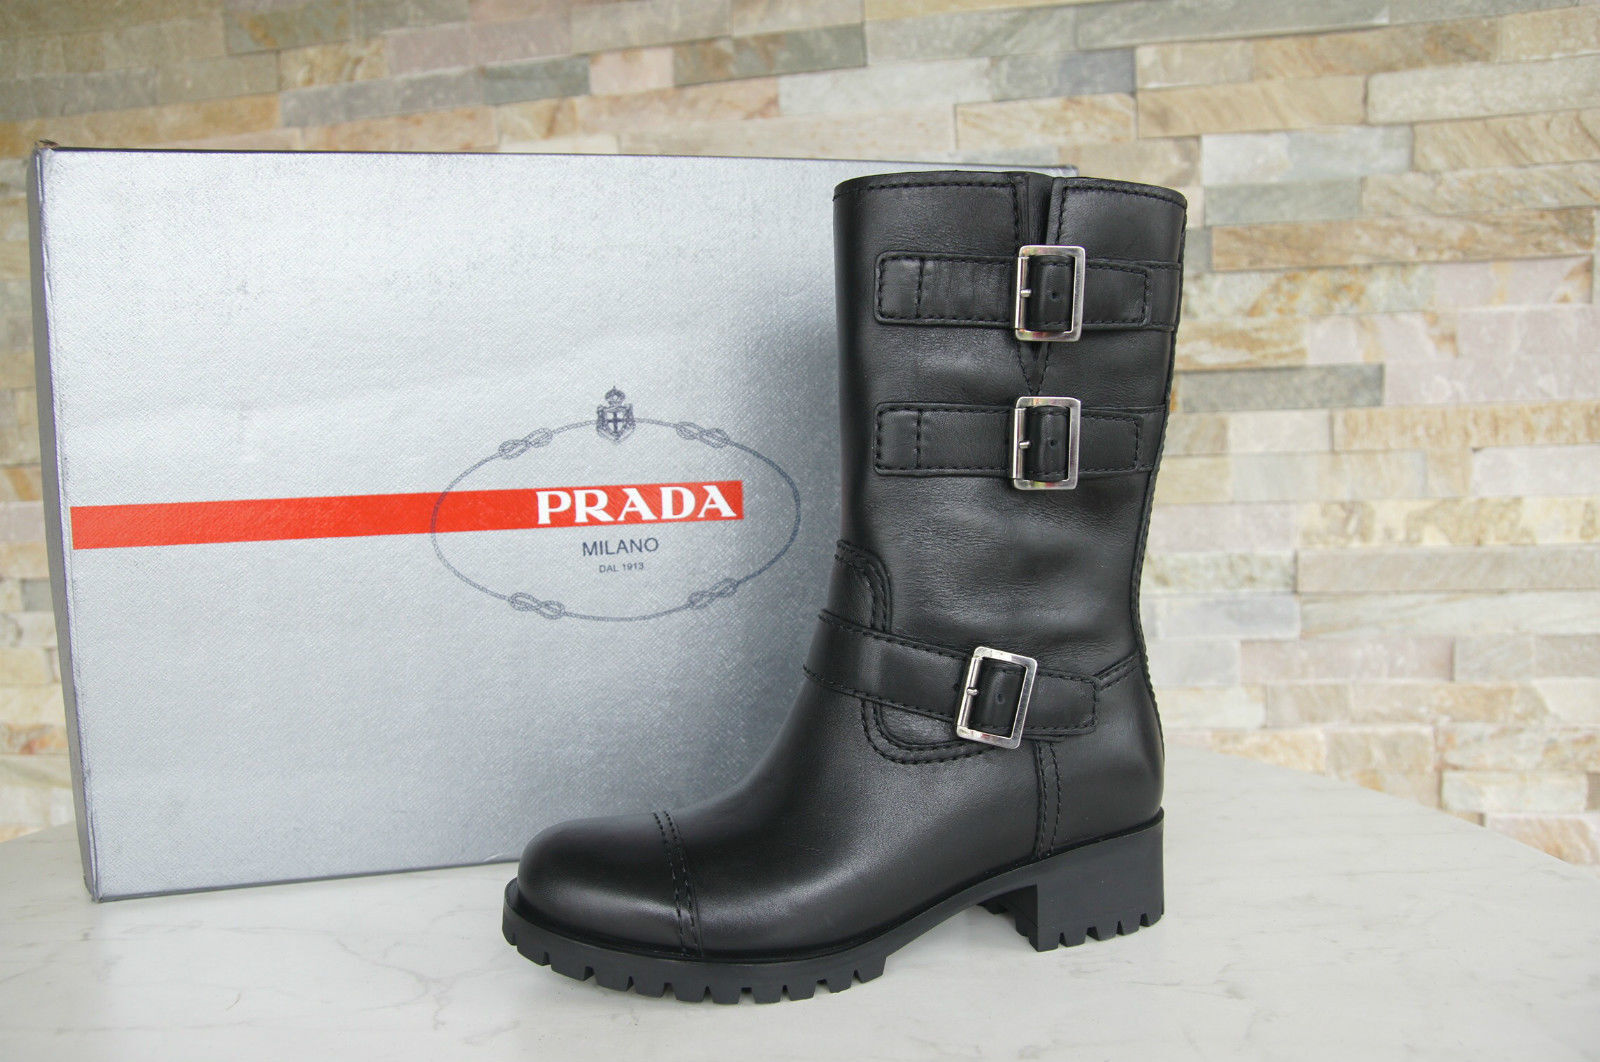 Prada talla 36 botas botines botaies 3u5914 zapatos zapatos zapatos negro nuevo ex PVP  ventas en linea